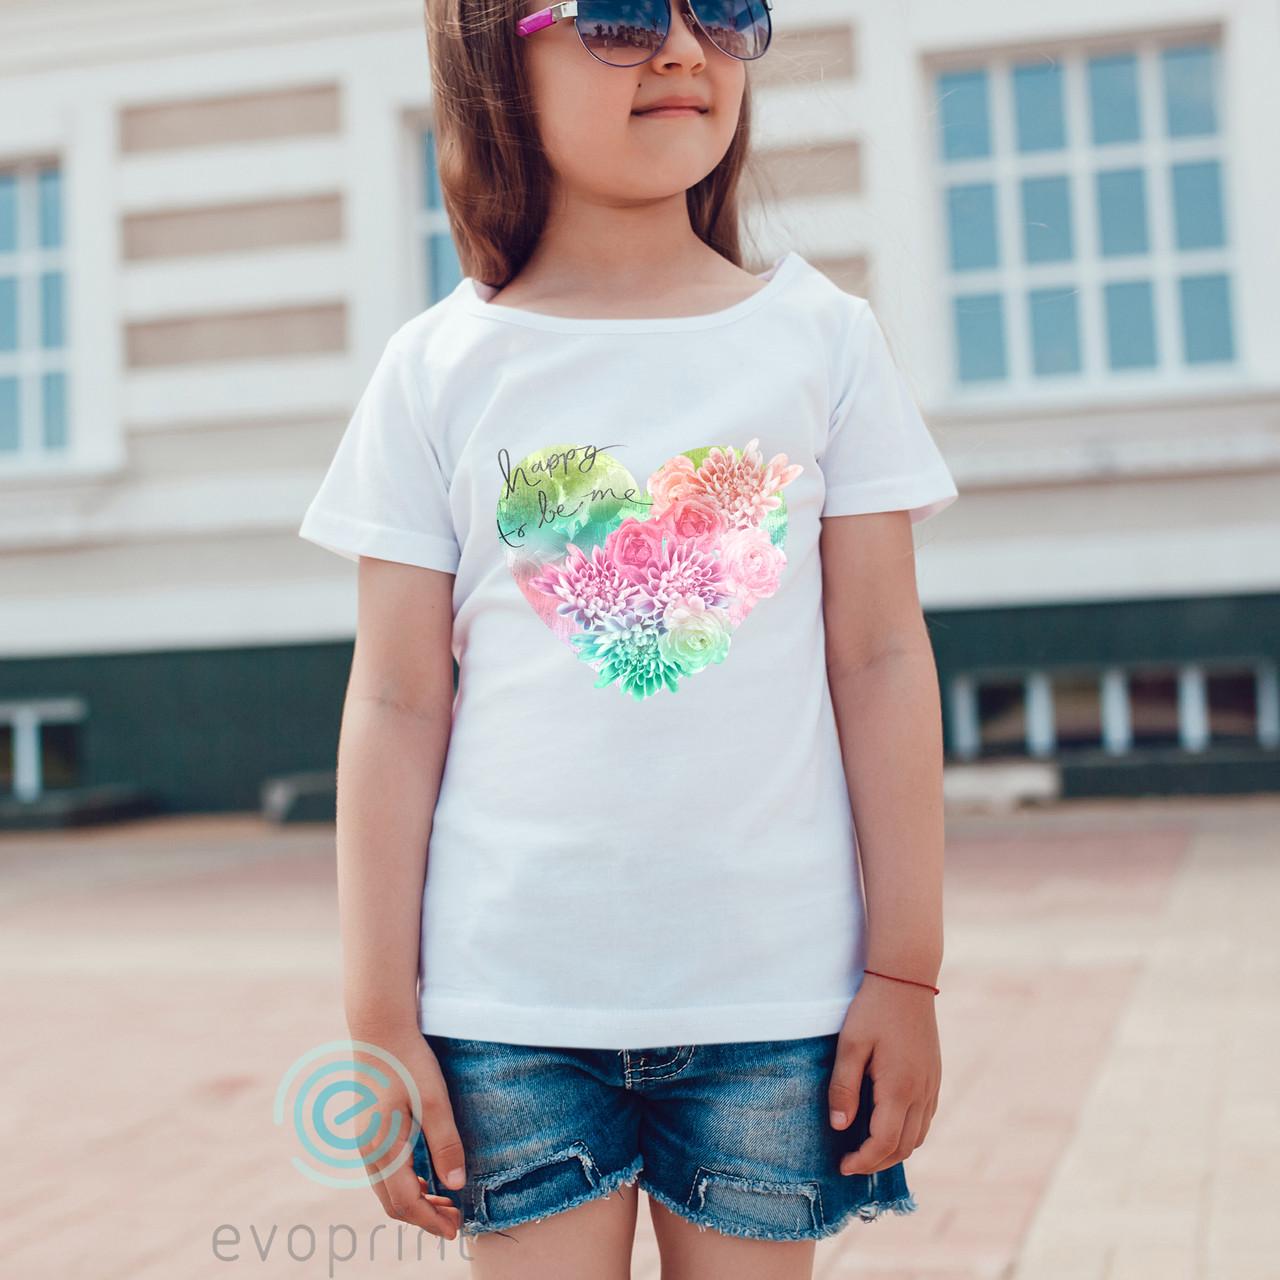 Полноцветная печать на детской одежде